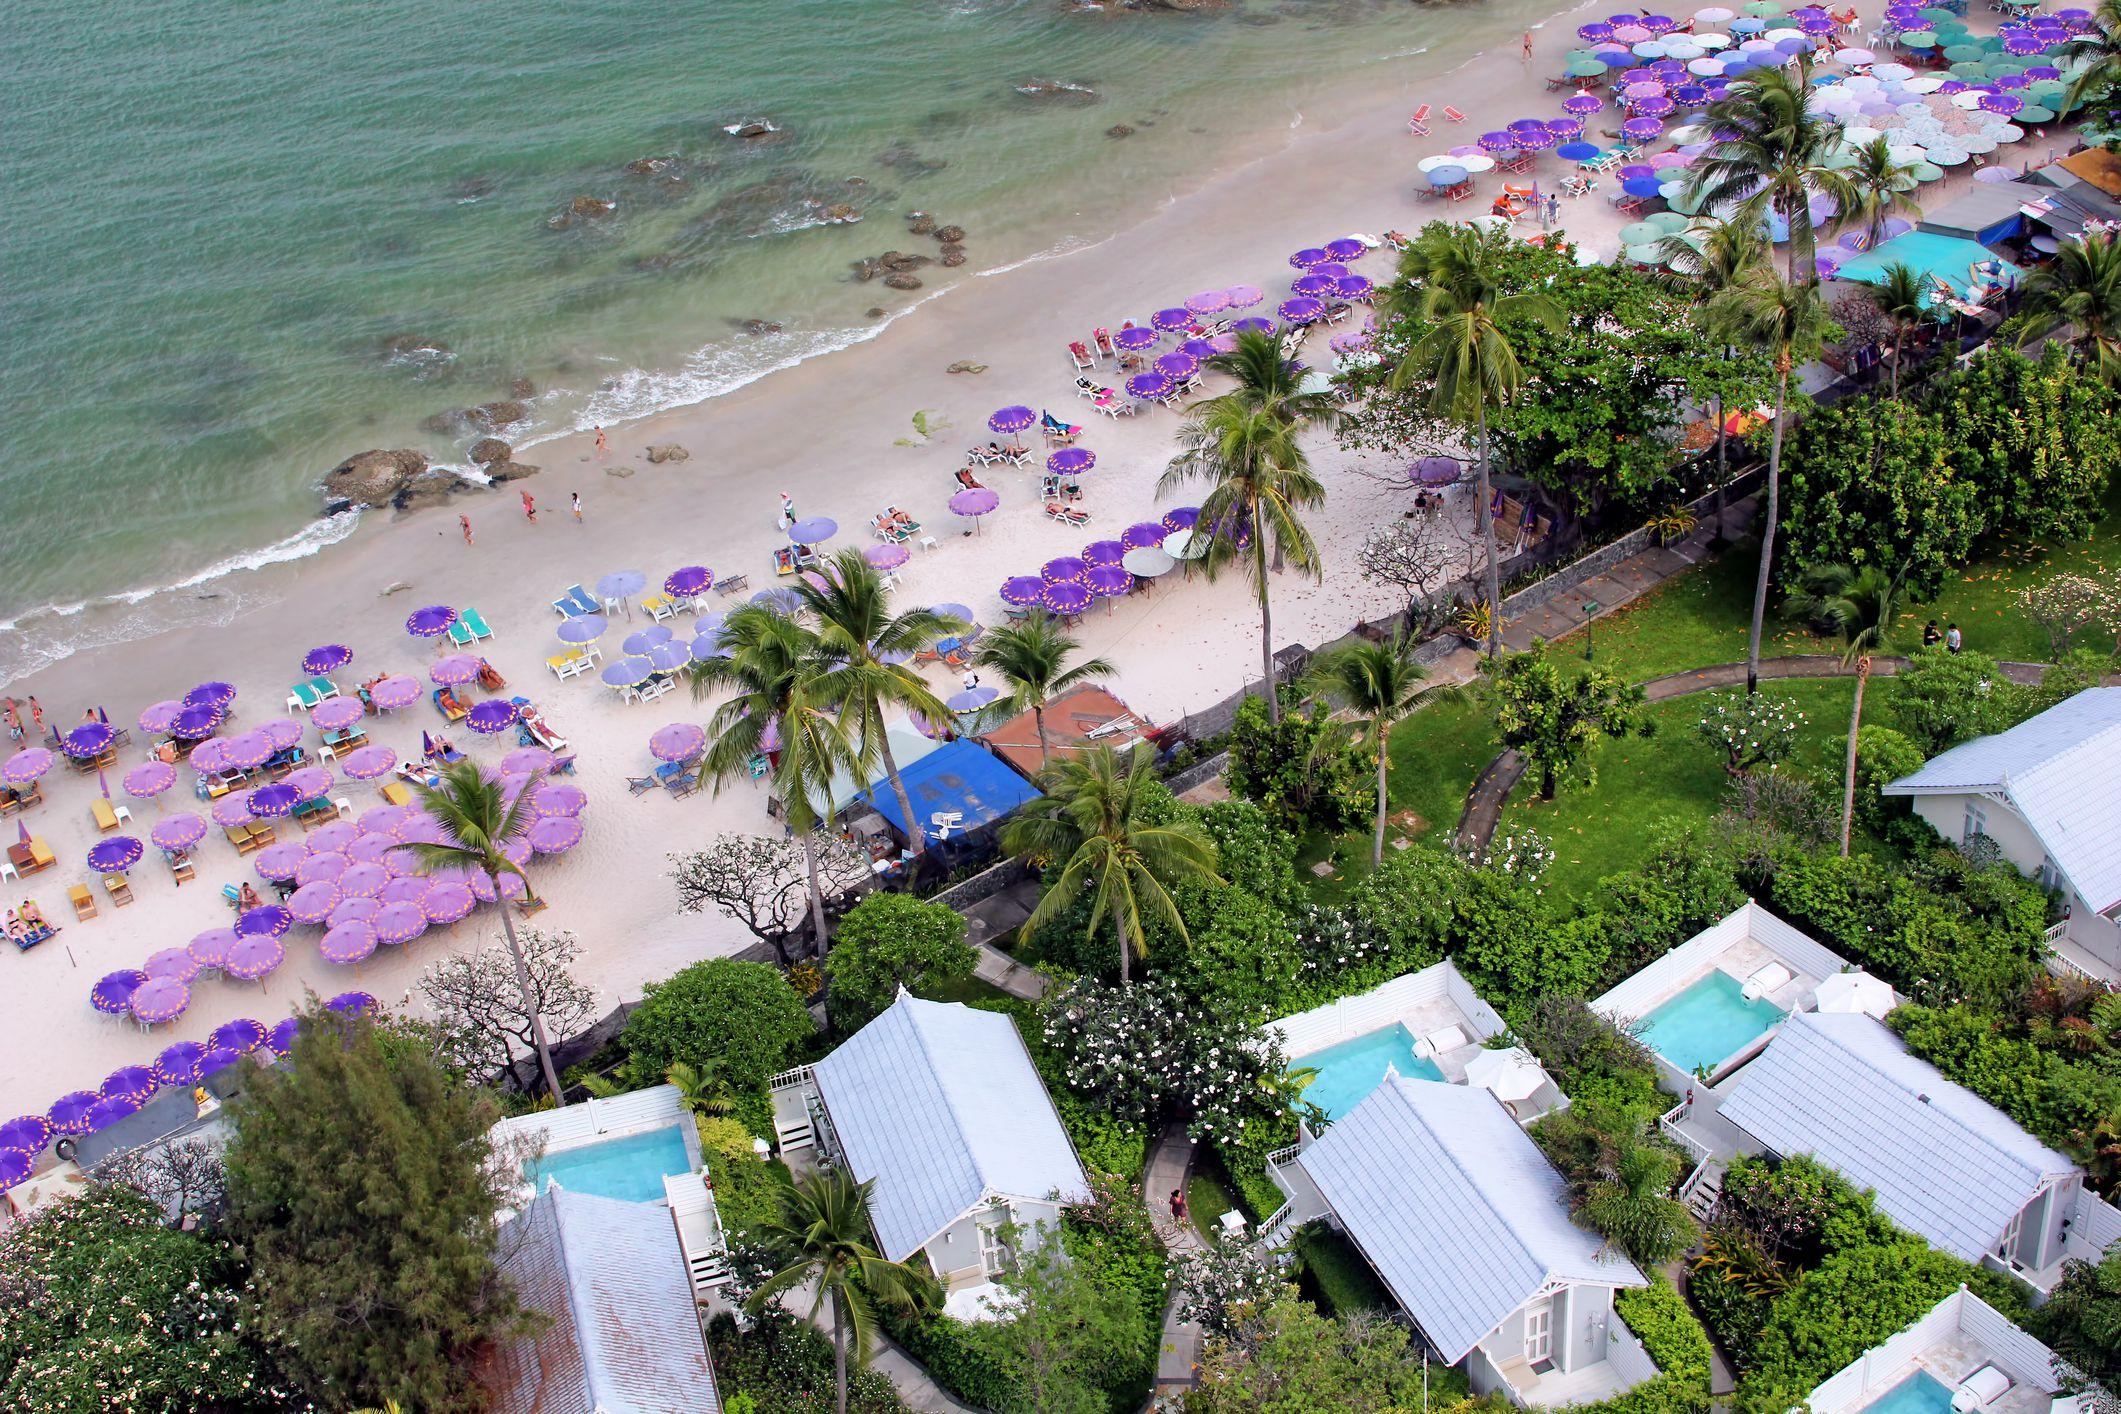 Ariel view of purple umbrellas on Hua Hin Beach, Thailand